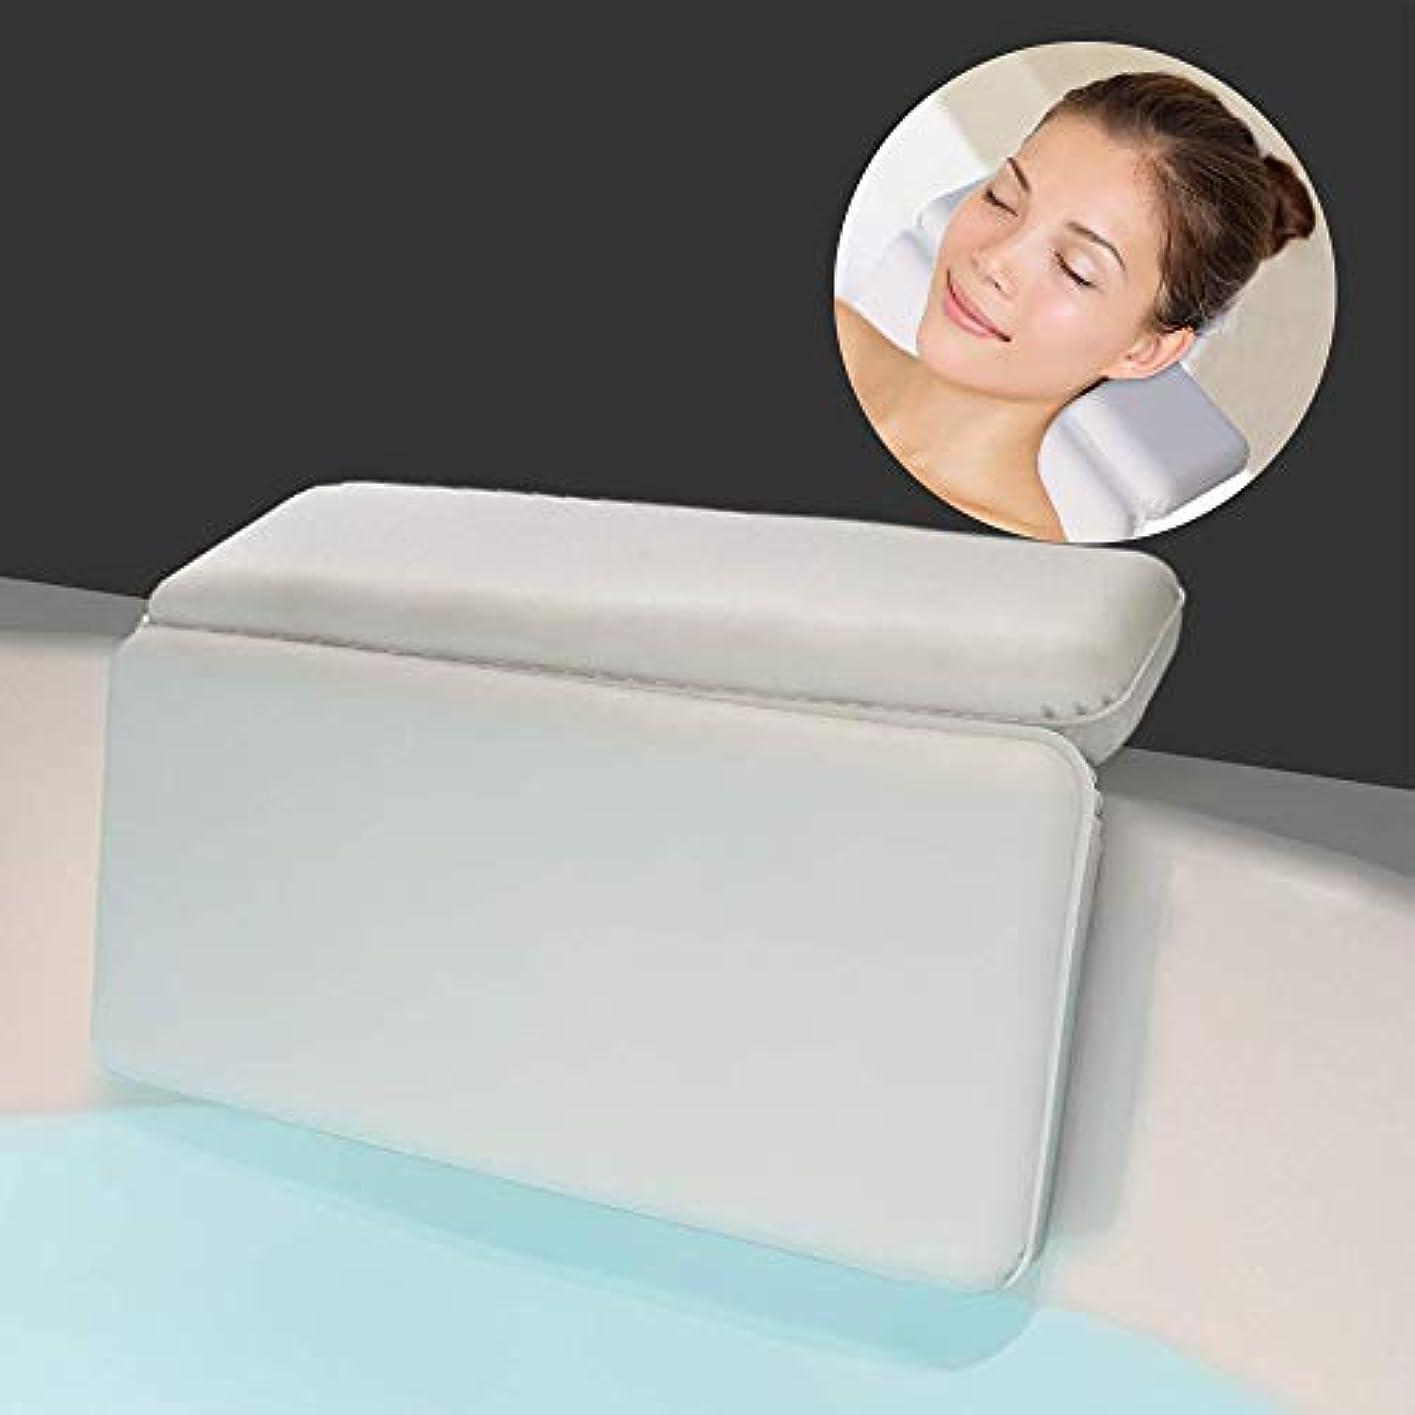 押す悲しいことにシンプルさサクションカップ付き防水ソフトバスピローショルダー&ネックサポート用の高級バスクッション。あらゆるサイズの浴槽にフィット